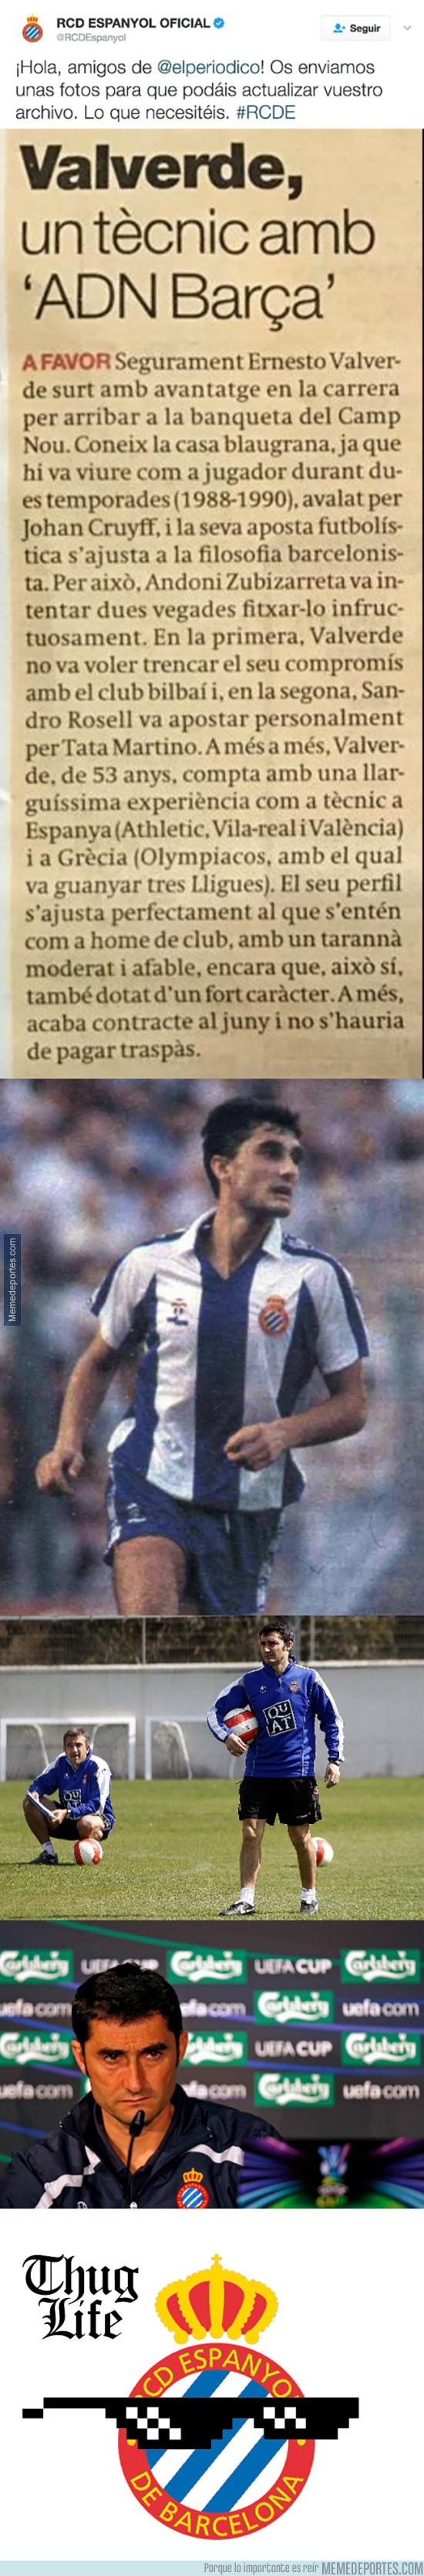 953396 - El RCD Espanyol le mete este zasca al Periódico por pasarse de listos